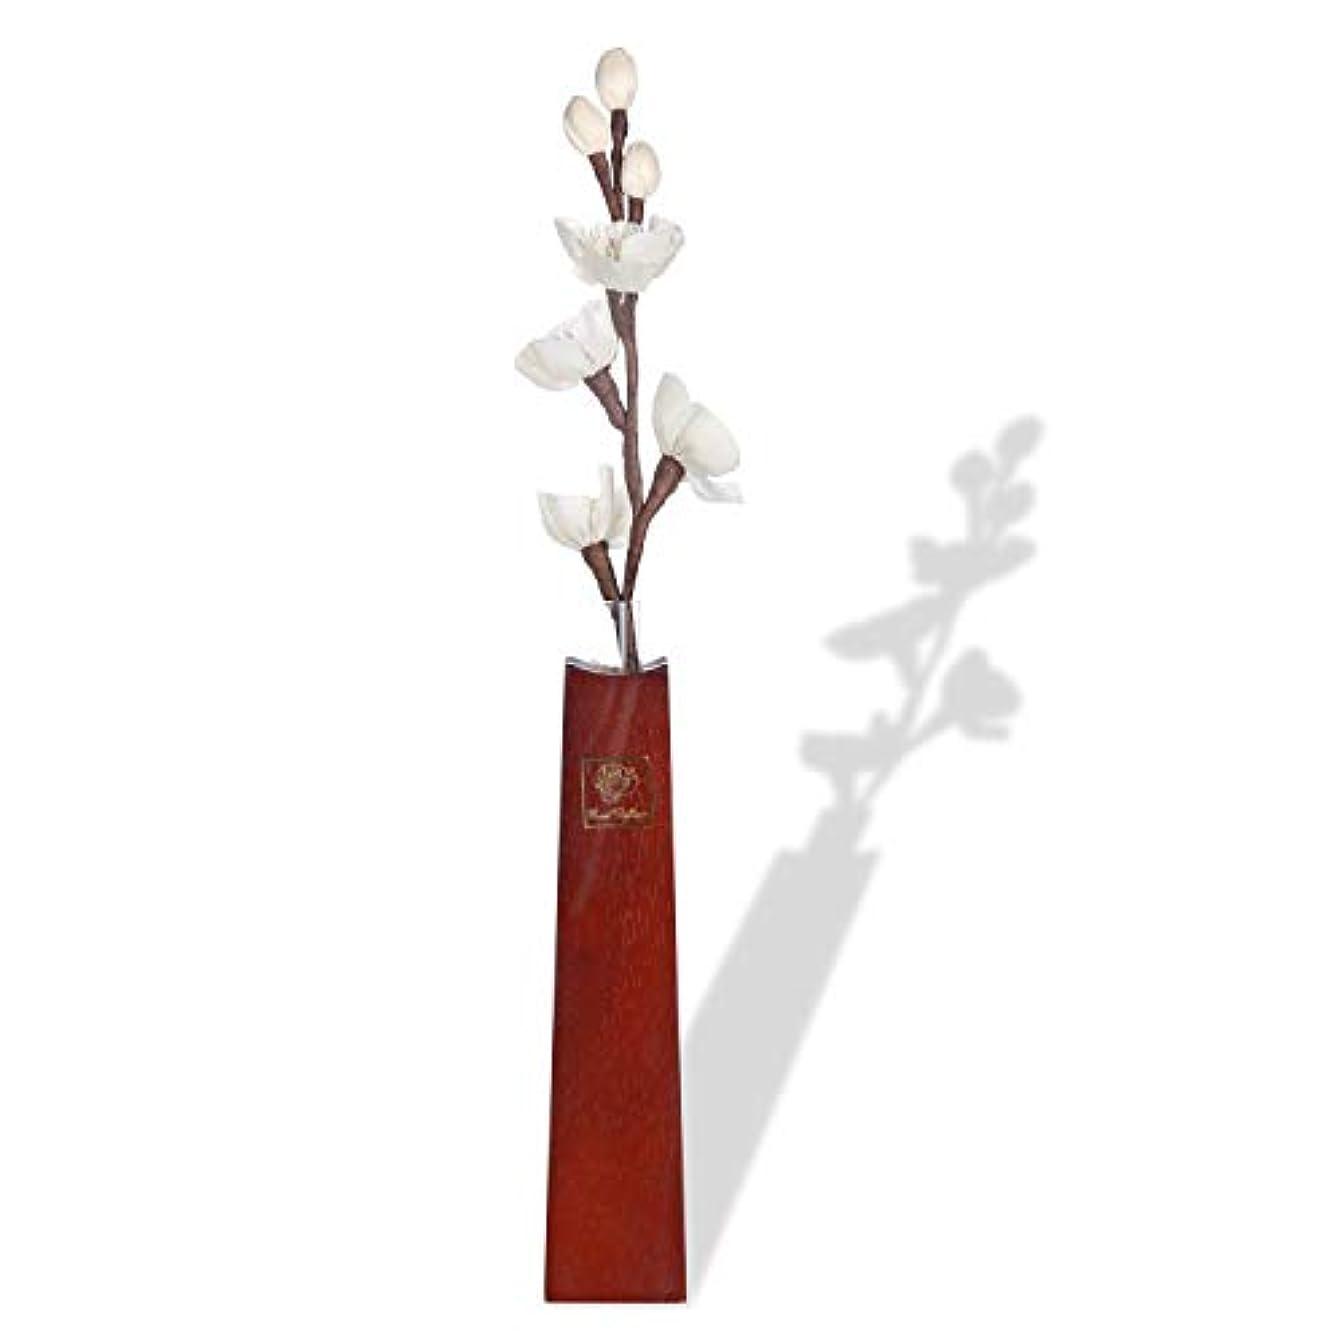 プレゼンター不明瞭年金ルームフレグランス リードディフューザー 和風純木フラワーベース アロマ花瓶 と 一輪挿し紙製造花 (香料を含まない)